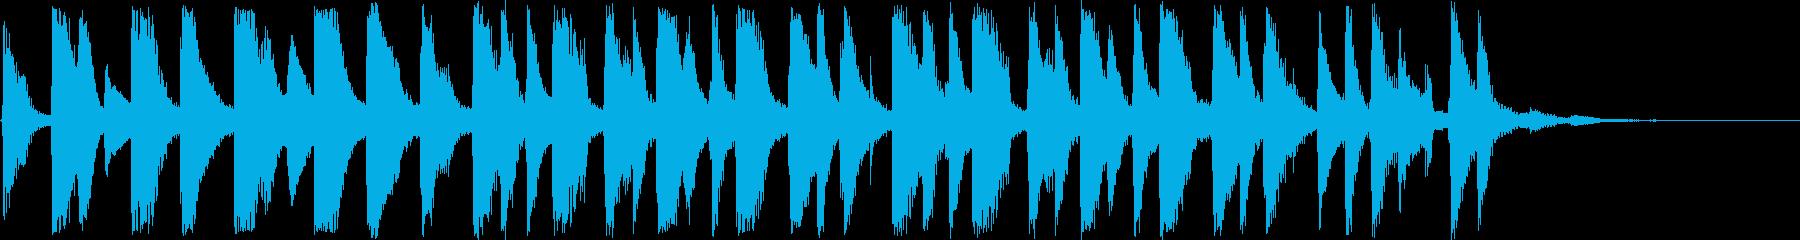 15秒のラテンピアノ。ジングル、CMに!の再生済みの波形